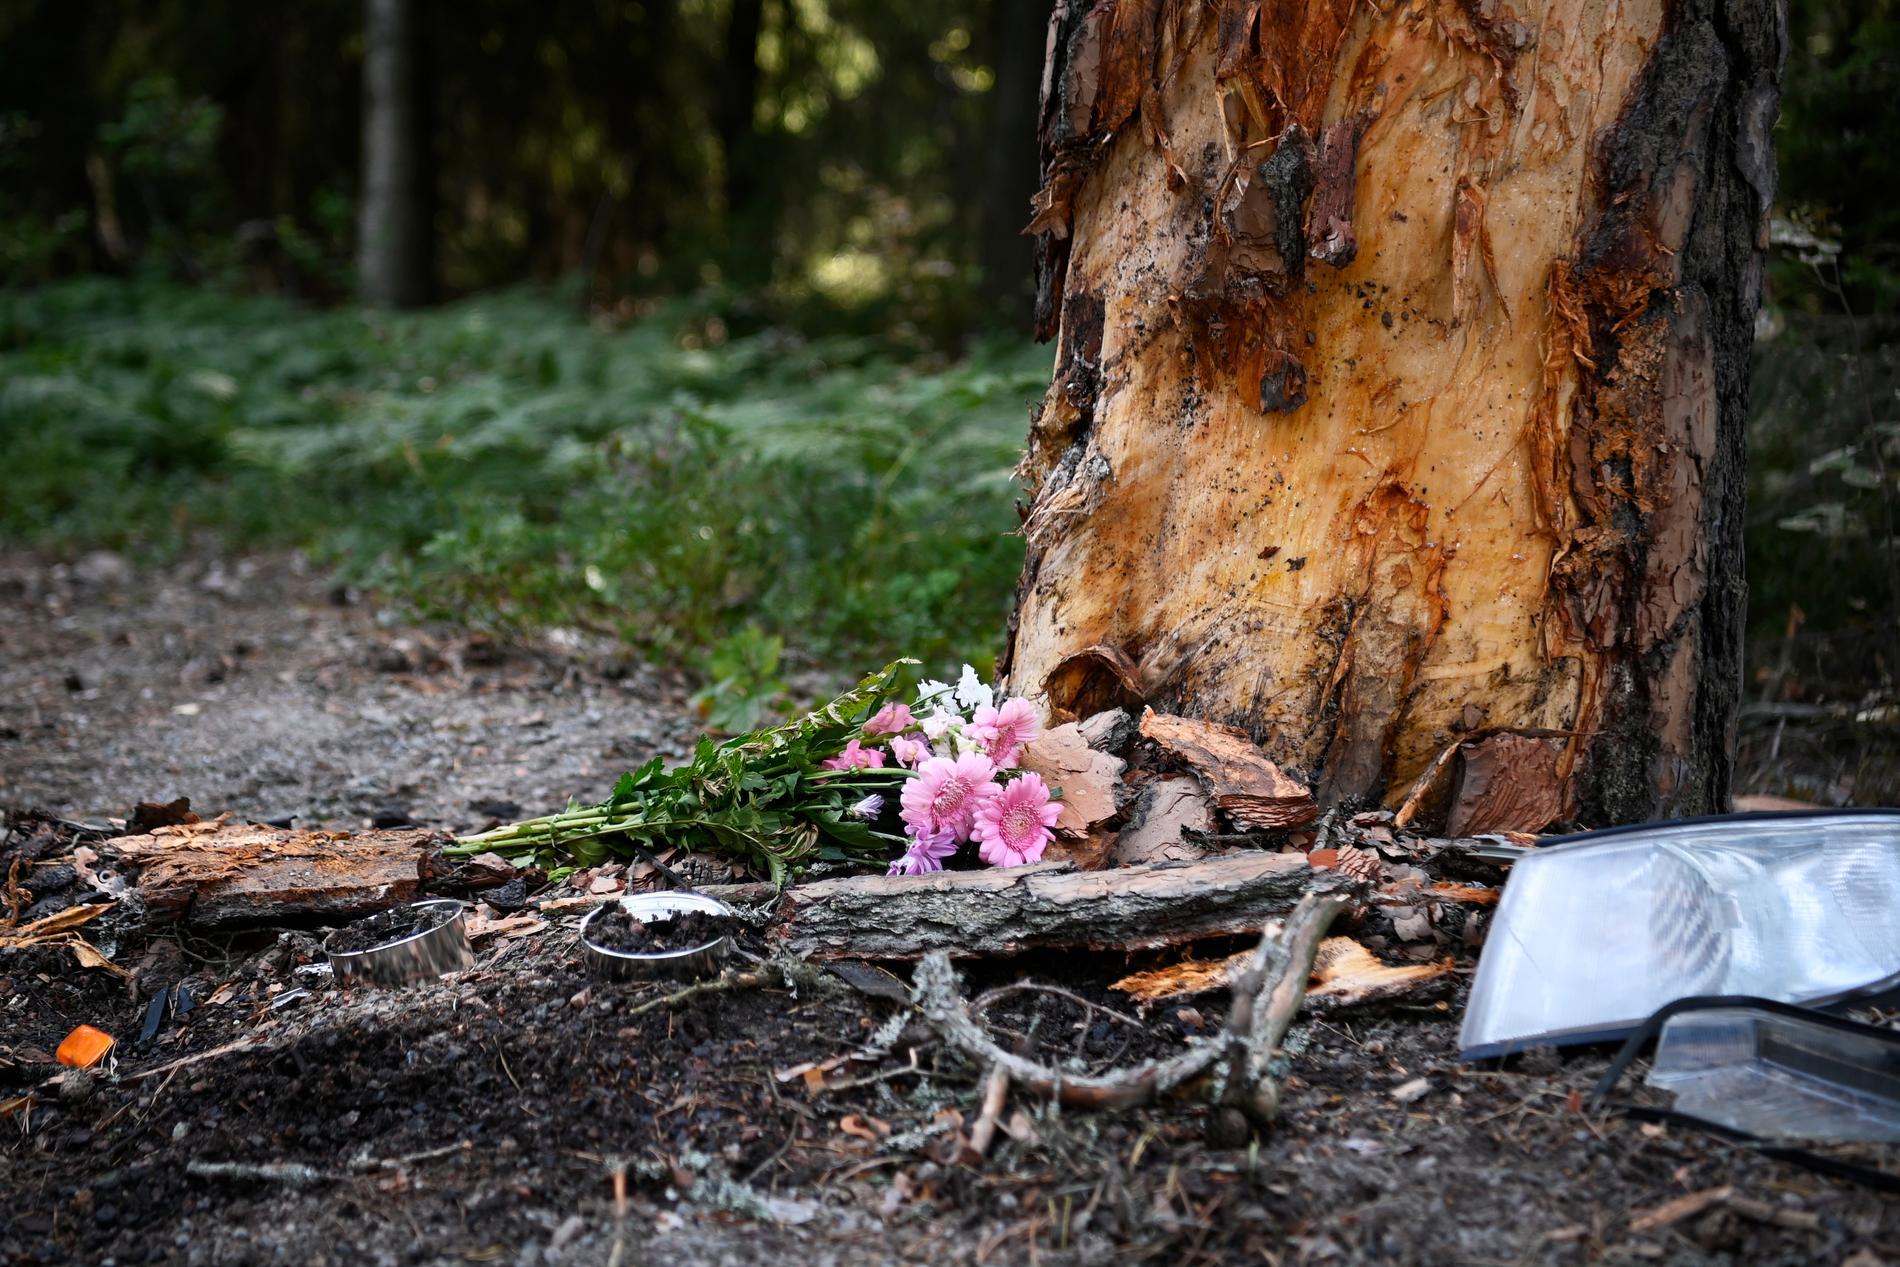 På måndagen låg en blombukett vid olycksplatsen.